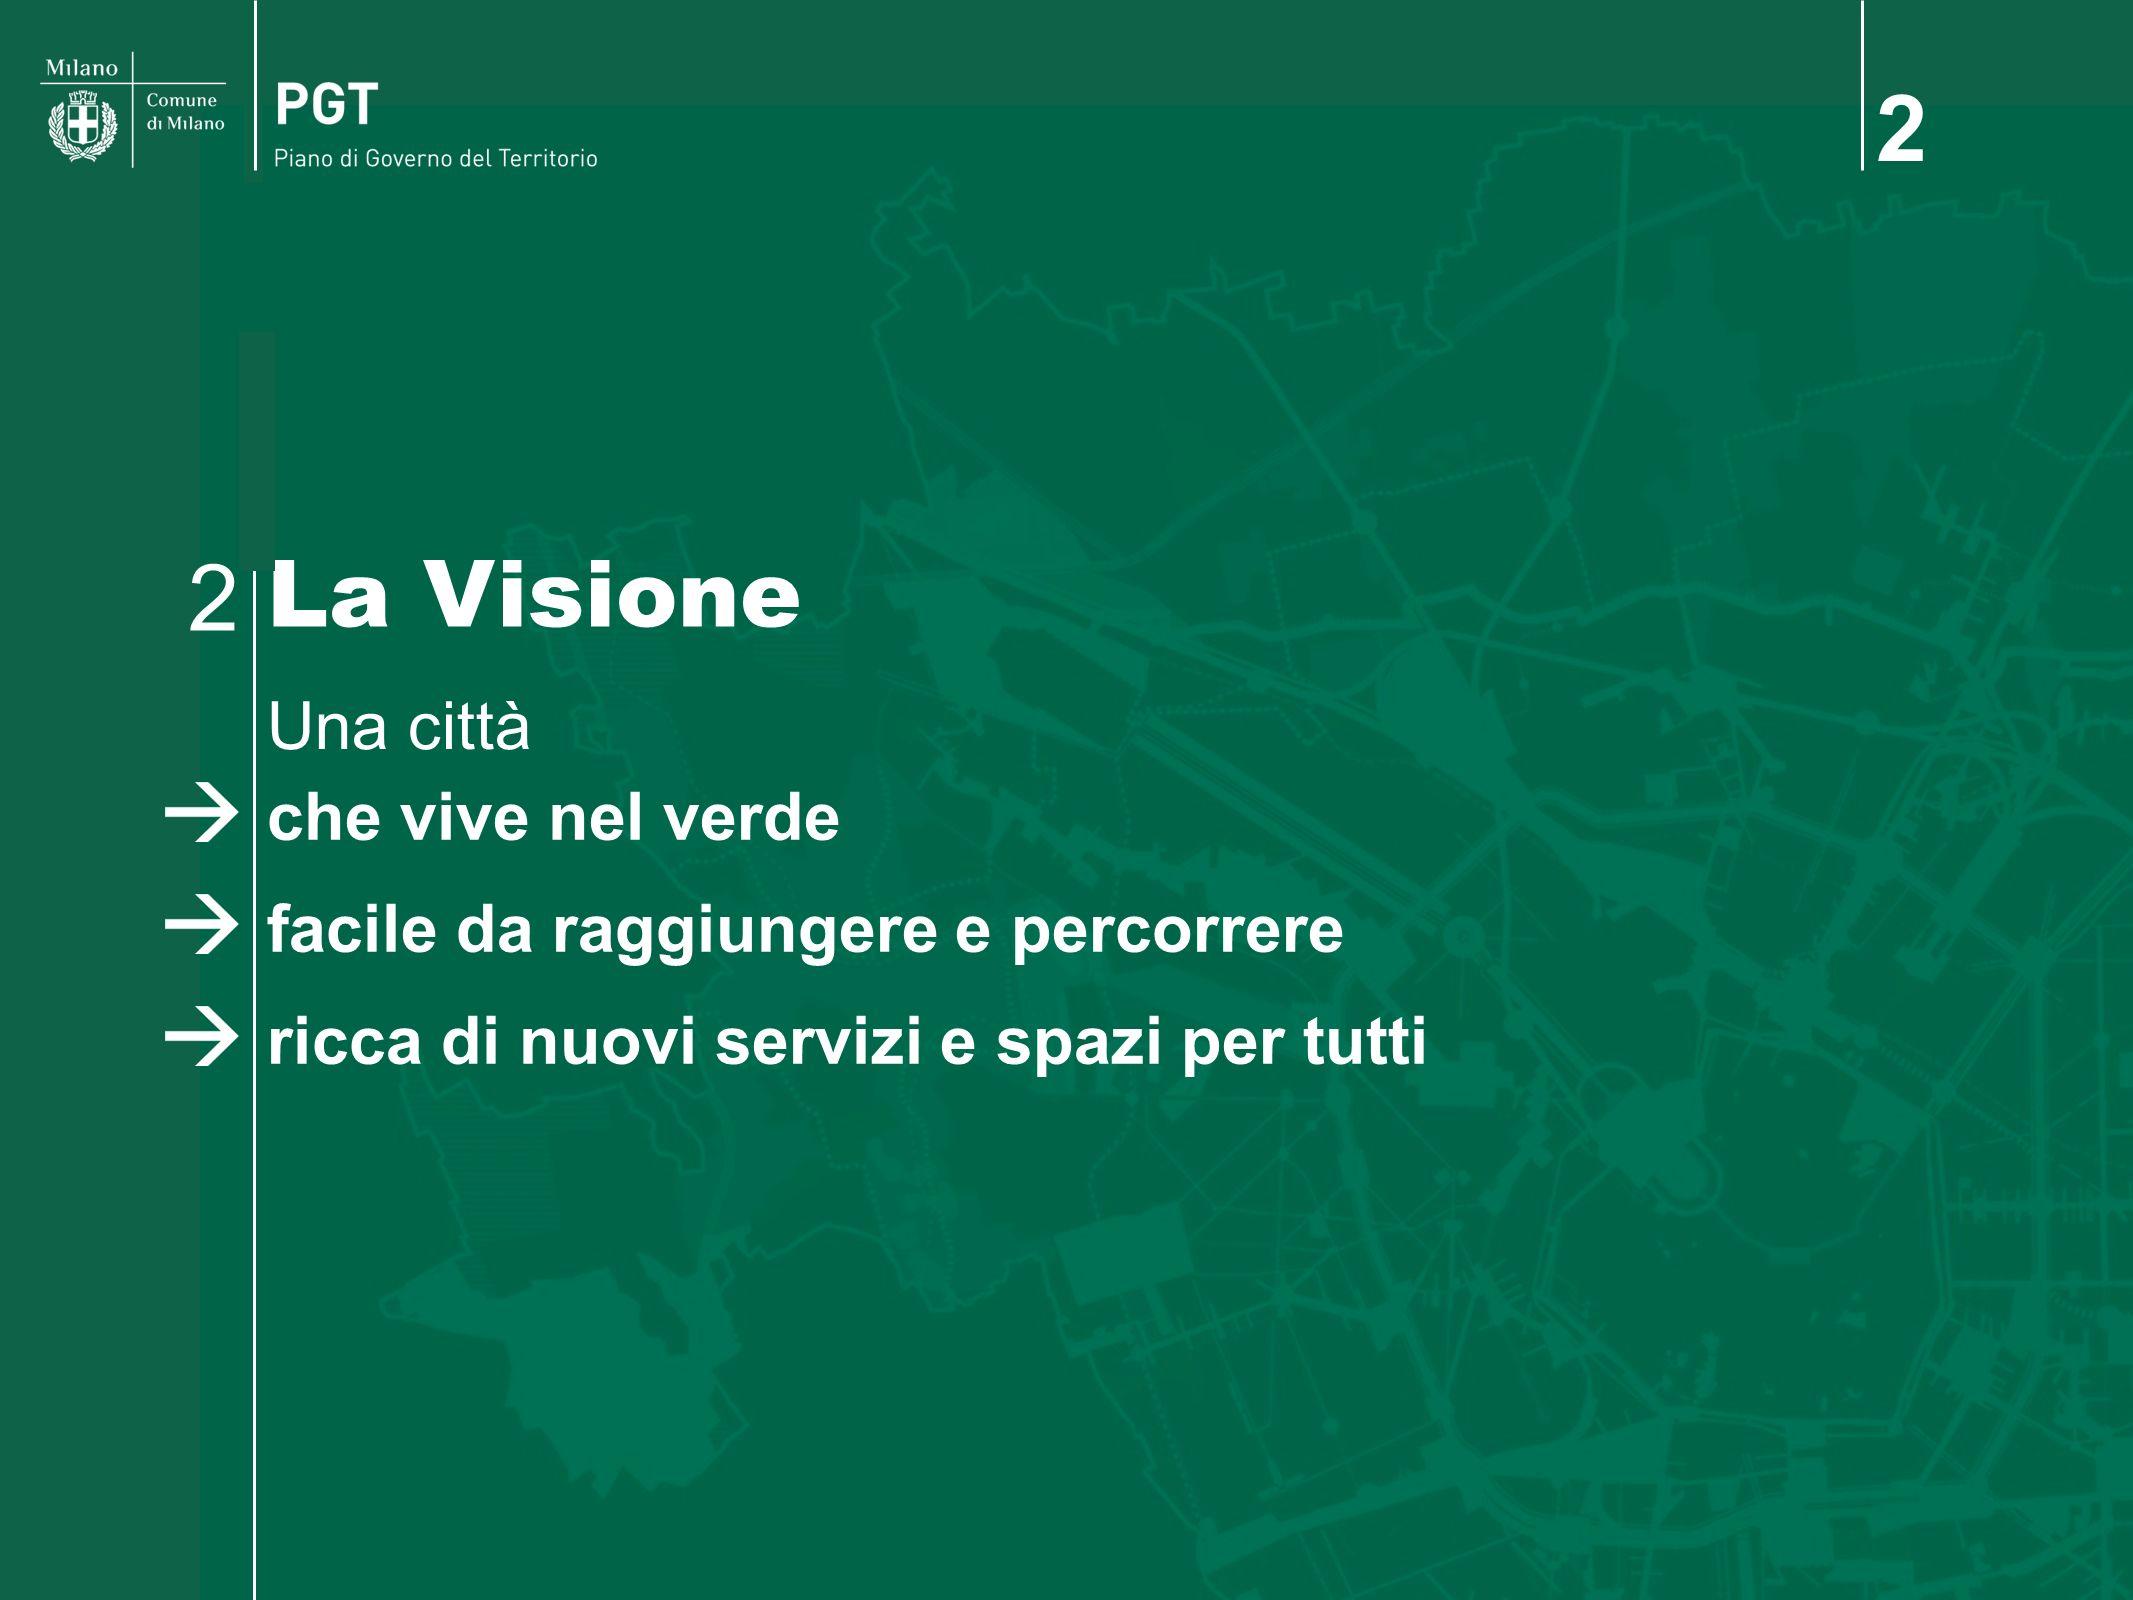 2 La Visione 2 Una città che vive nel verde facile da raggiungere e percorrere ricca di nuovi servizi e spazi per tutti